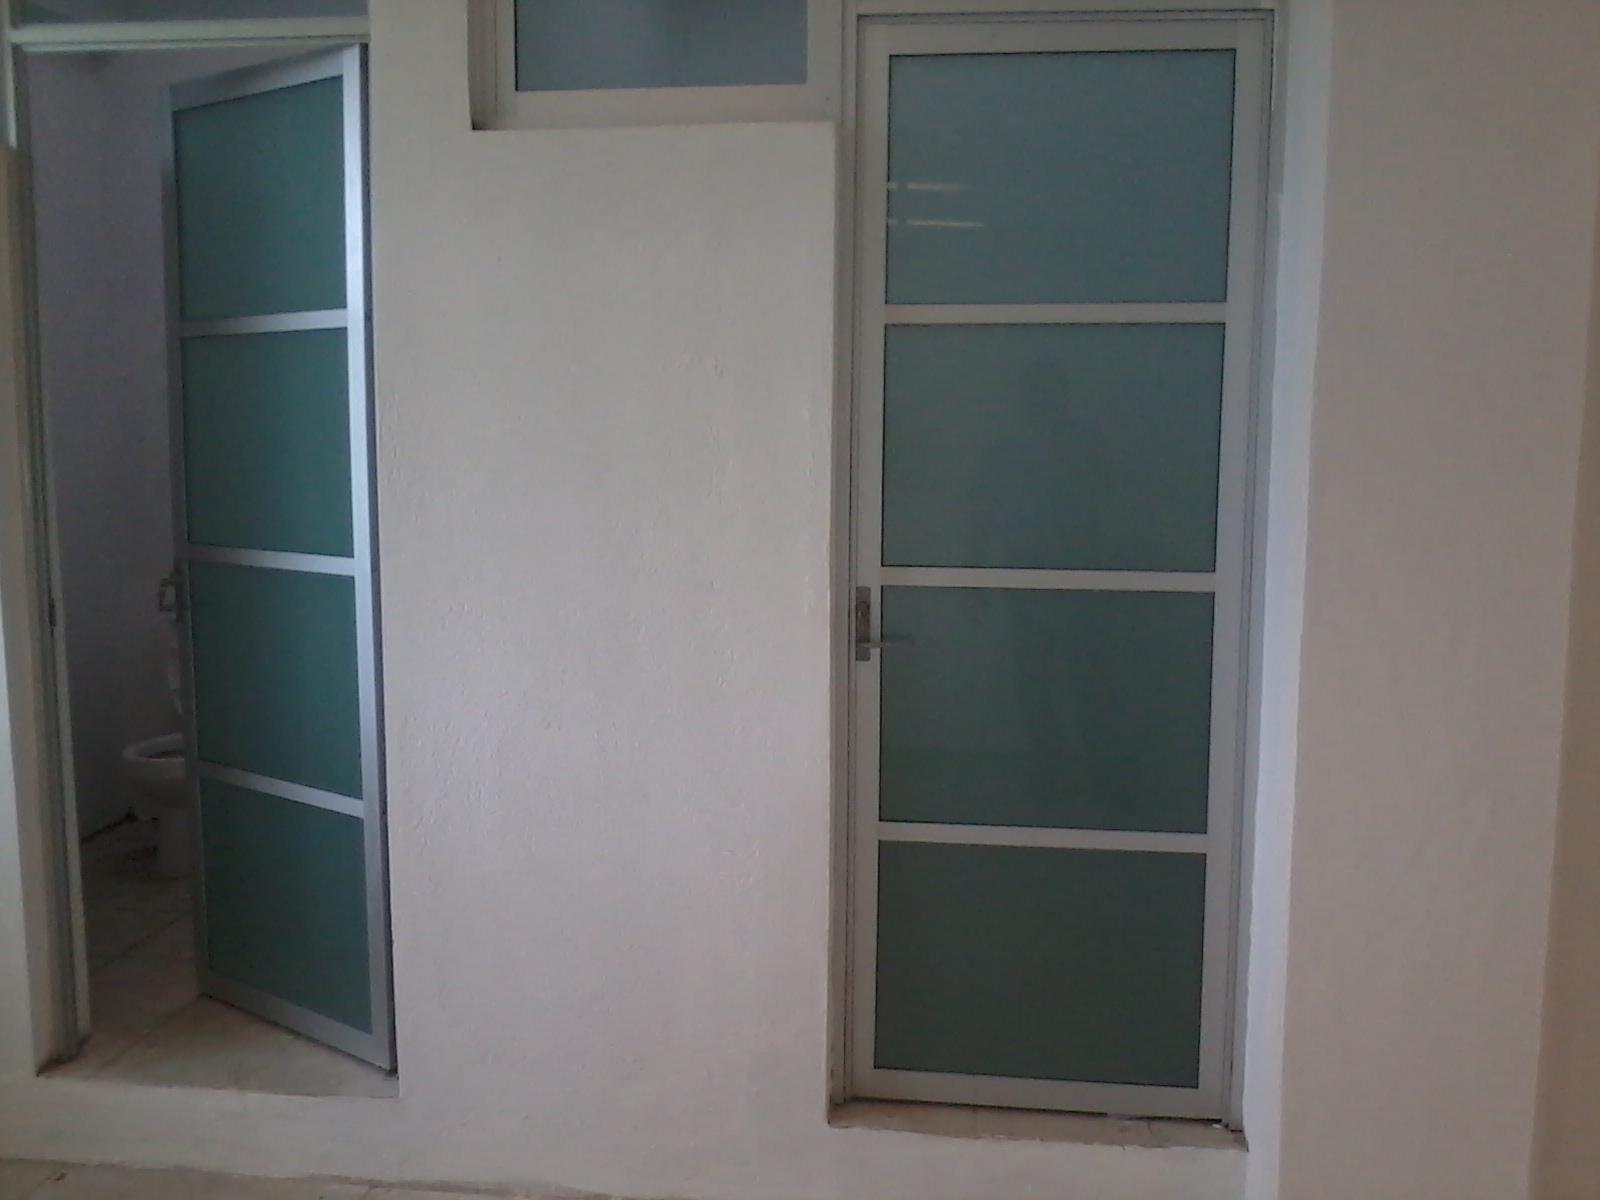 Puertas de aluminio blanco para ba o for Puertas interiores de aluminio y cristal